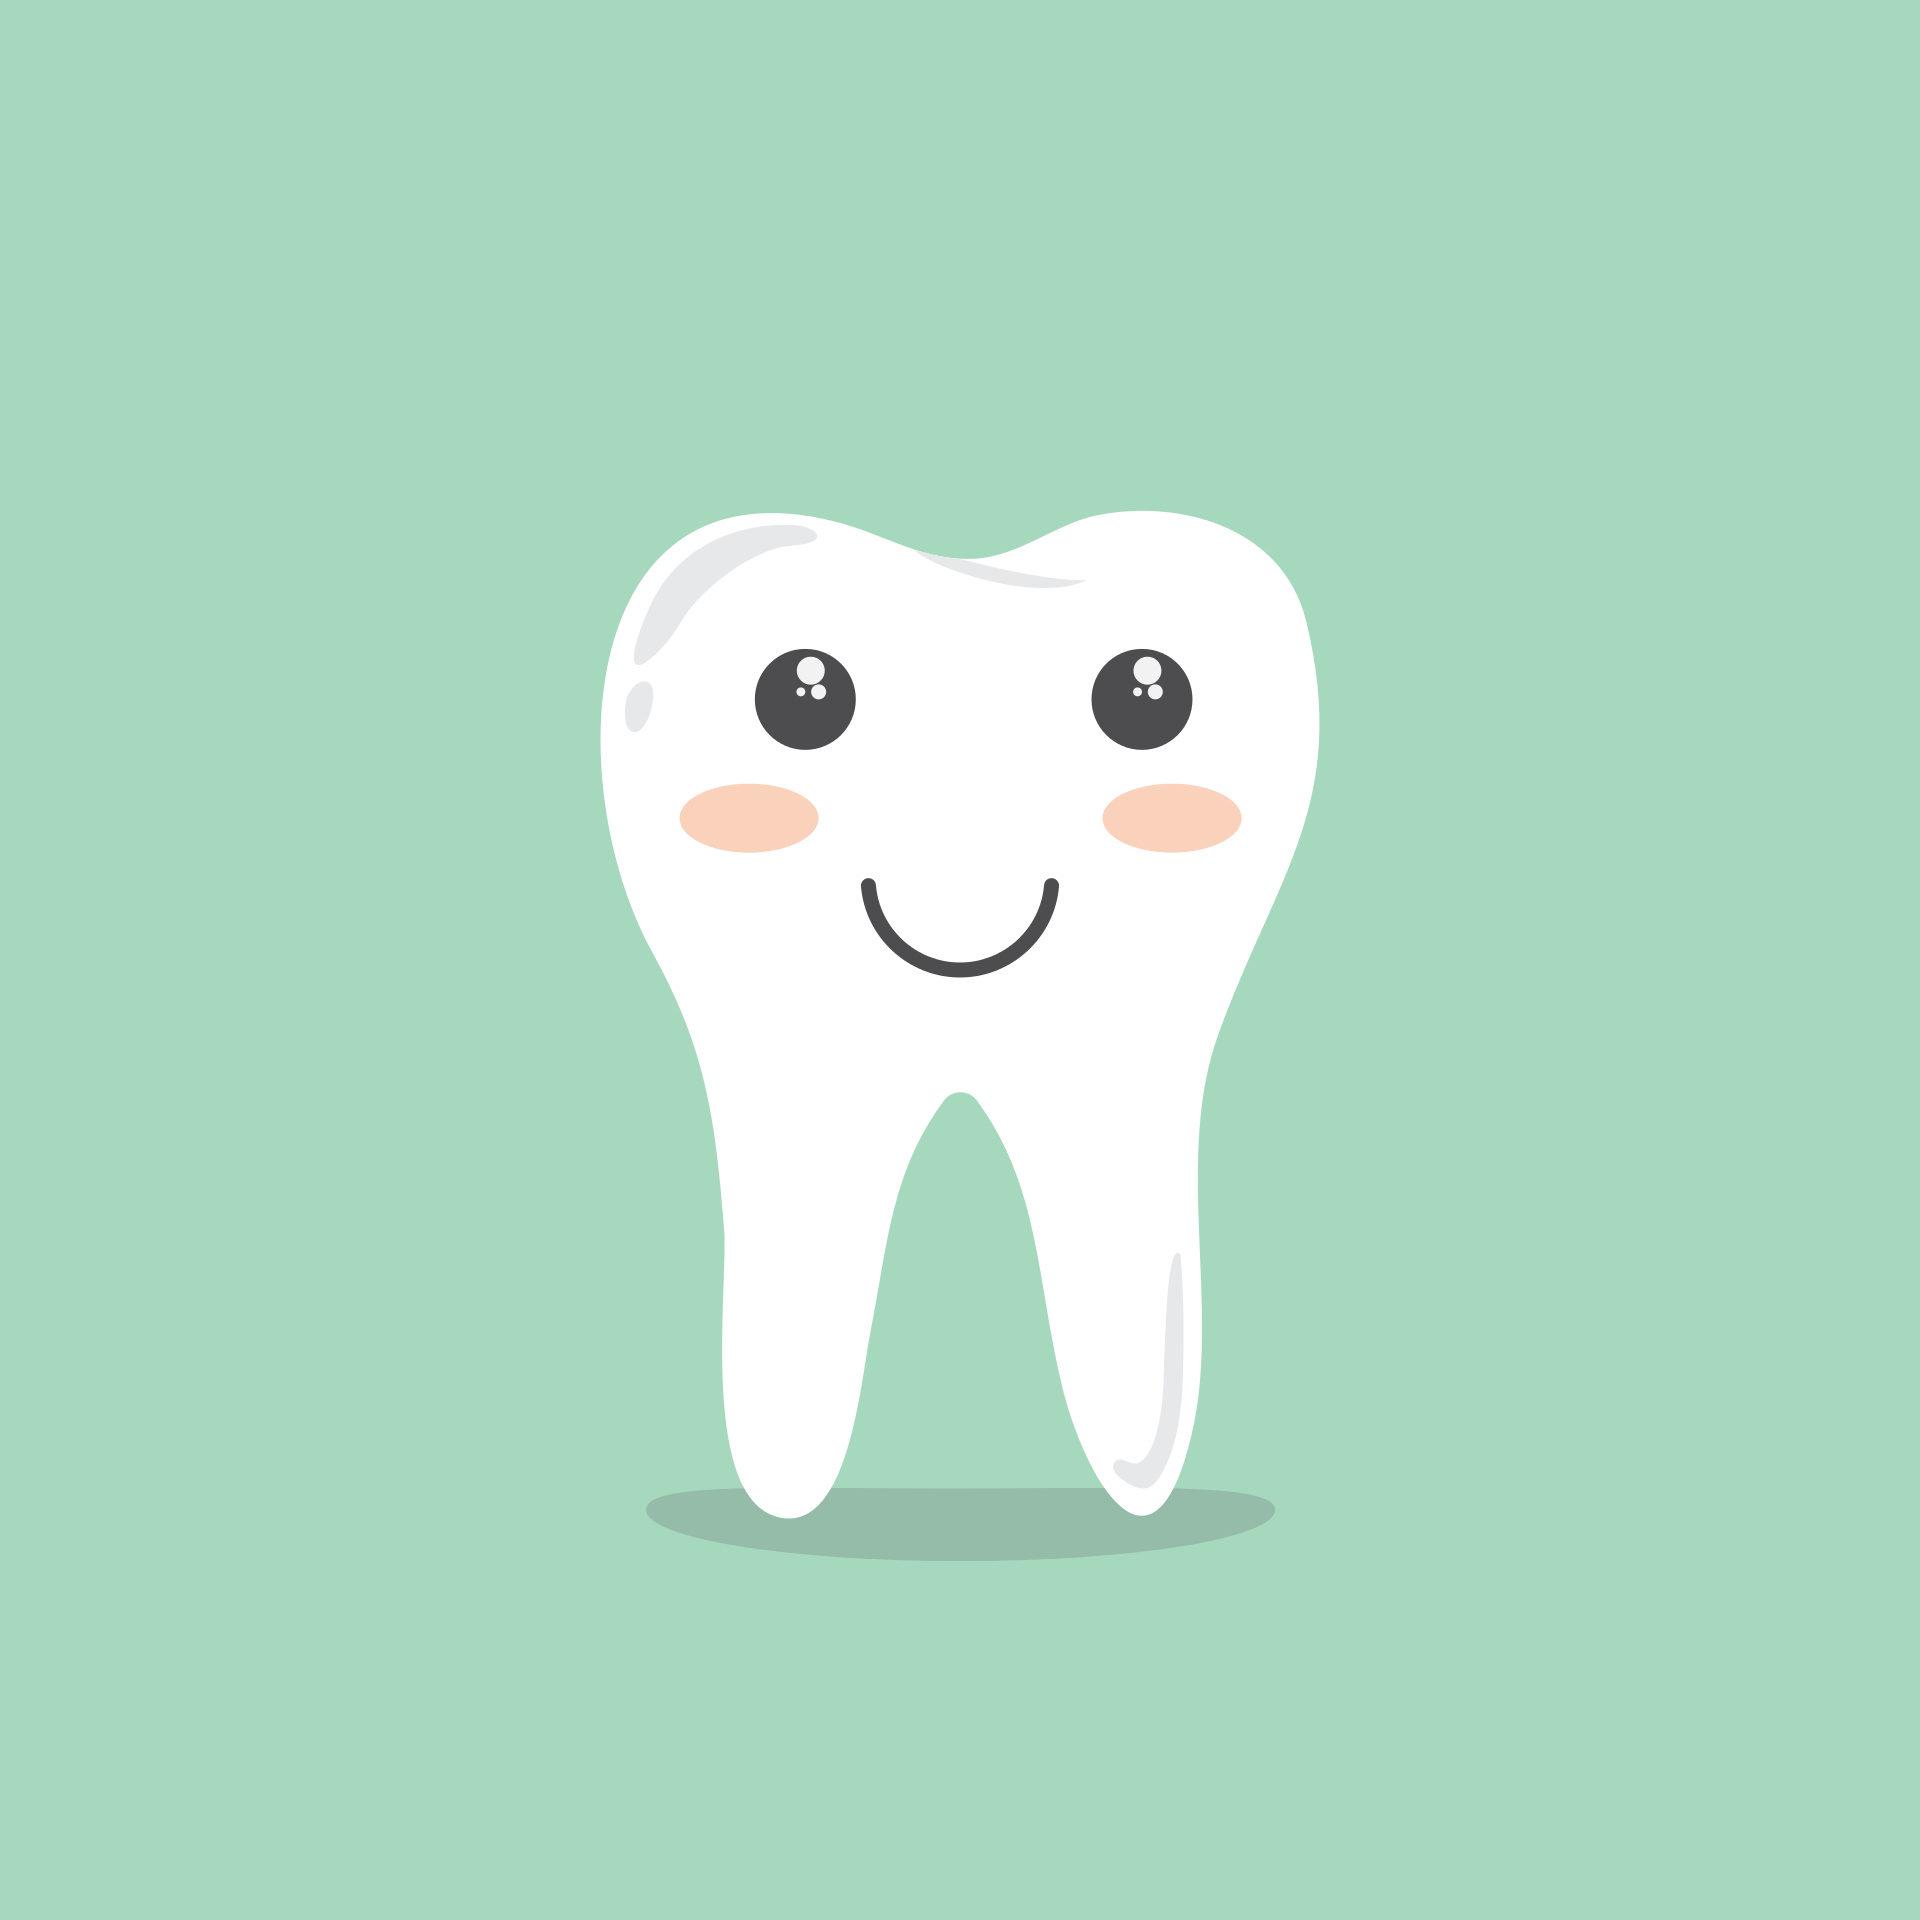 δόντι, χαμόγελο, τα μάτια, ΔΙΣΚΟΣ τροχιστικού, καρικατούρα - Wallpapers HD - Professor-falken.com